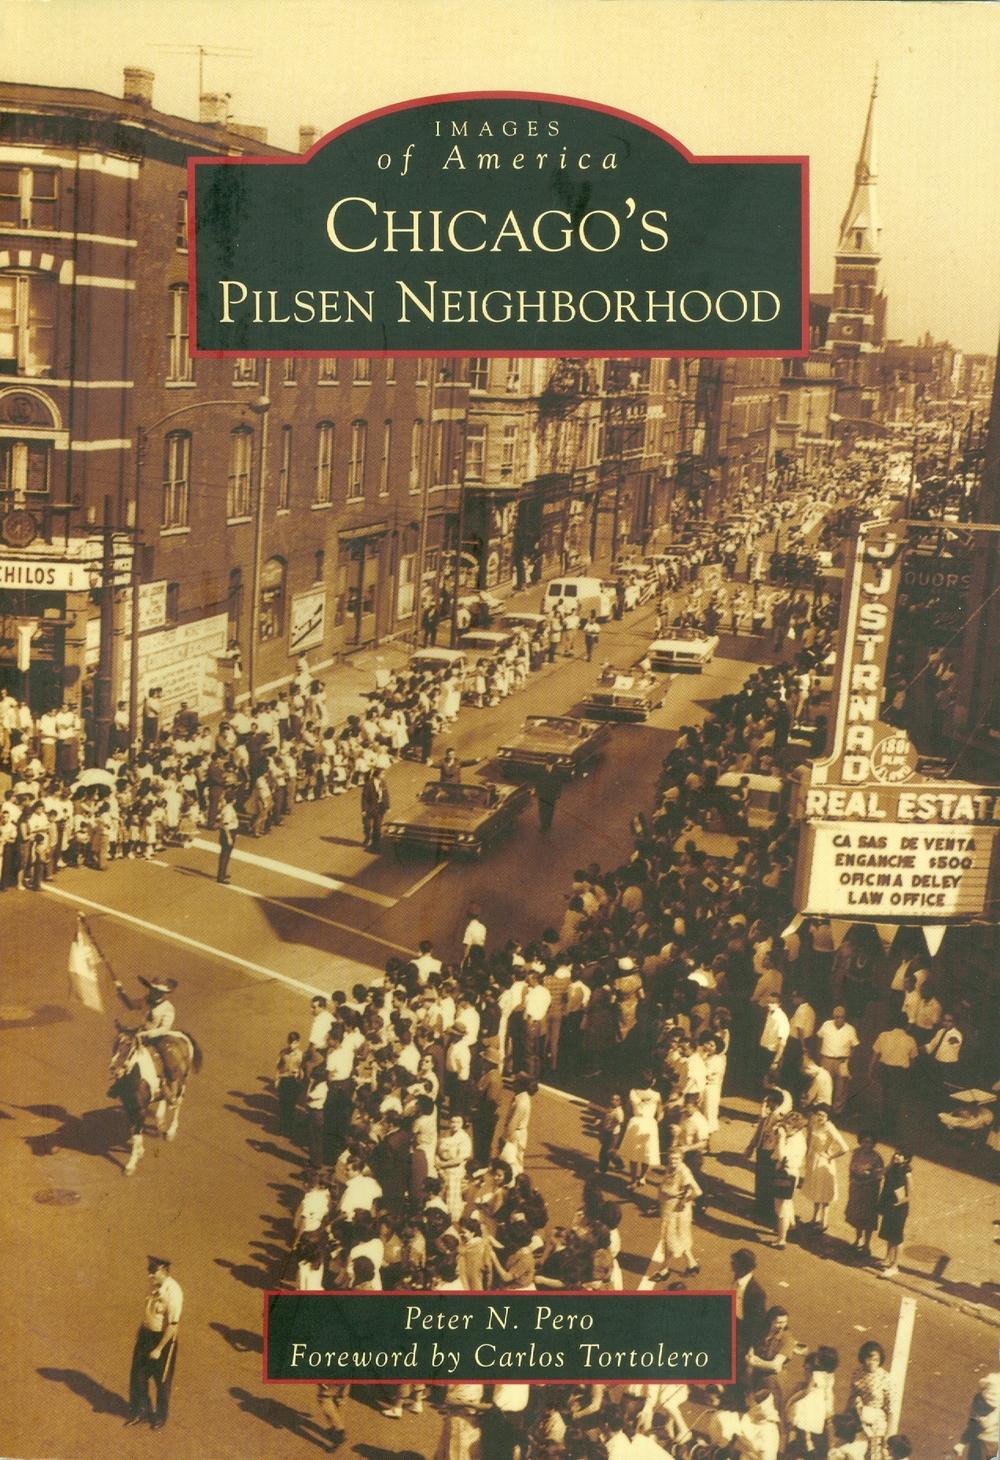 Chicago's Pilsen Neighborhood — Illinois Labor History Society on